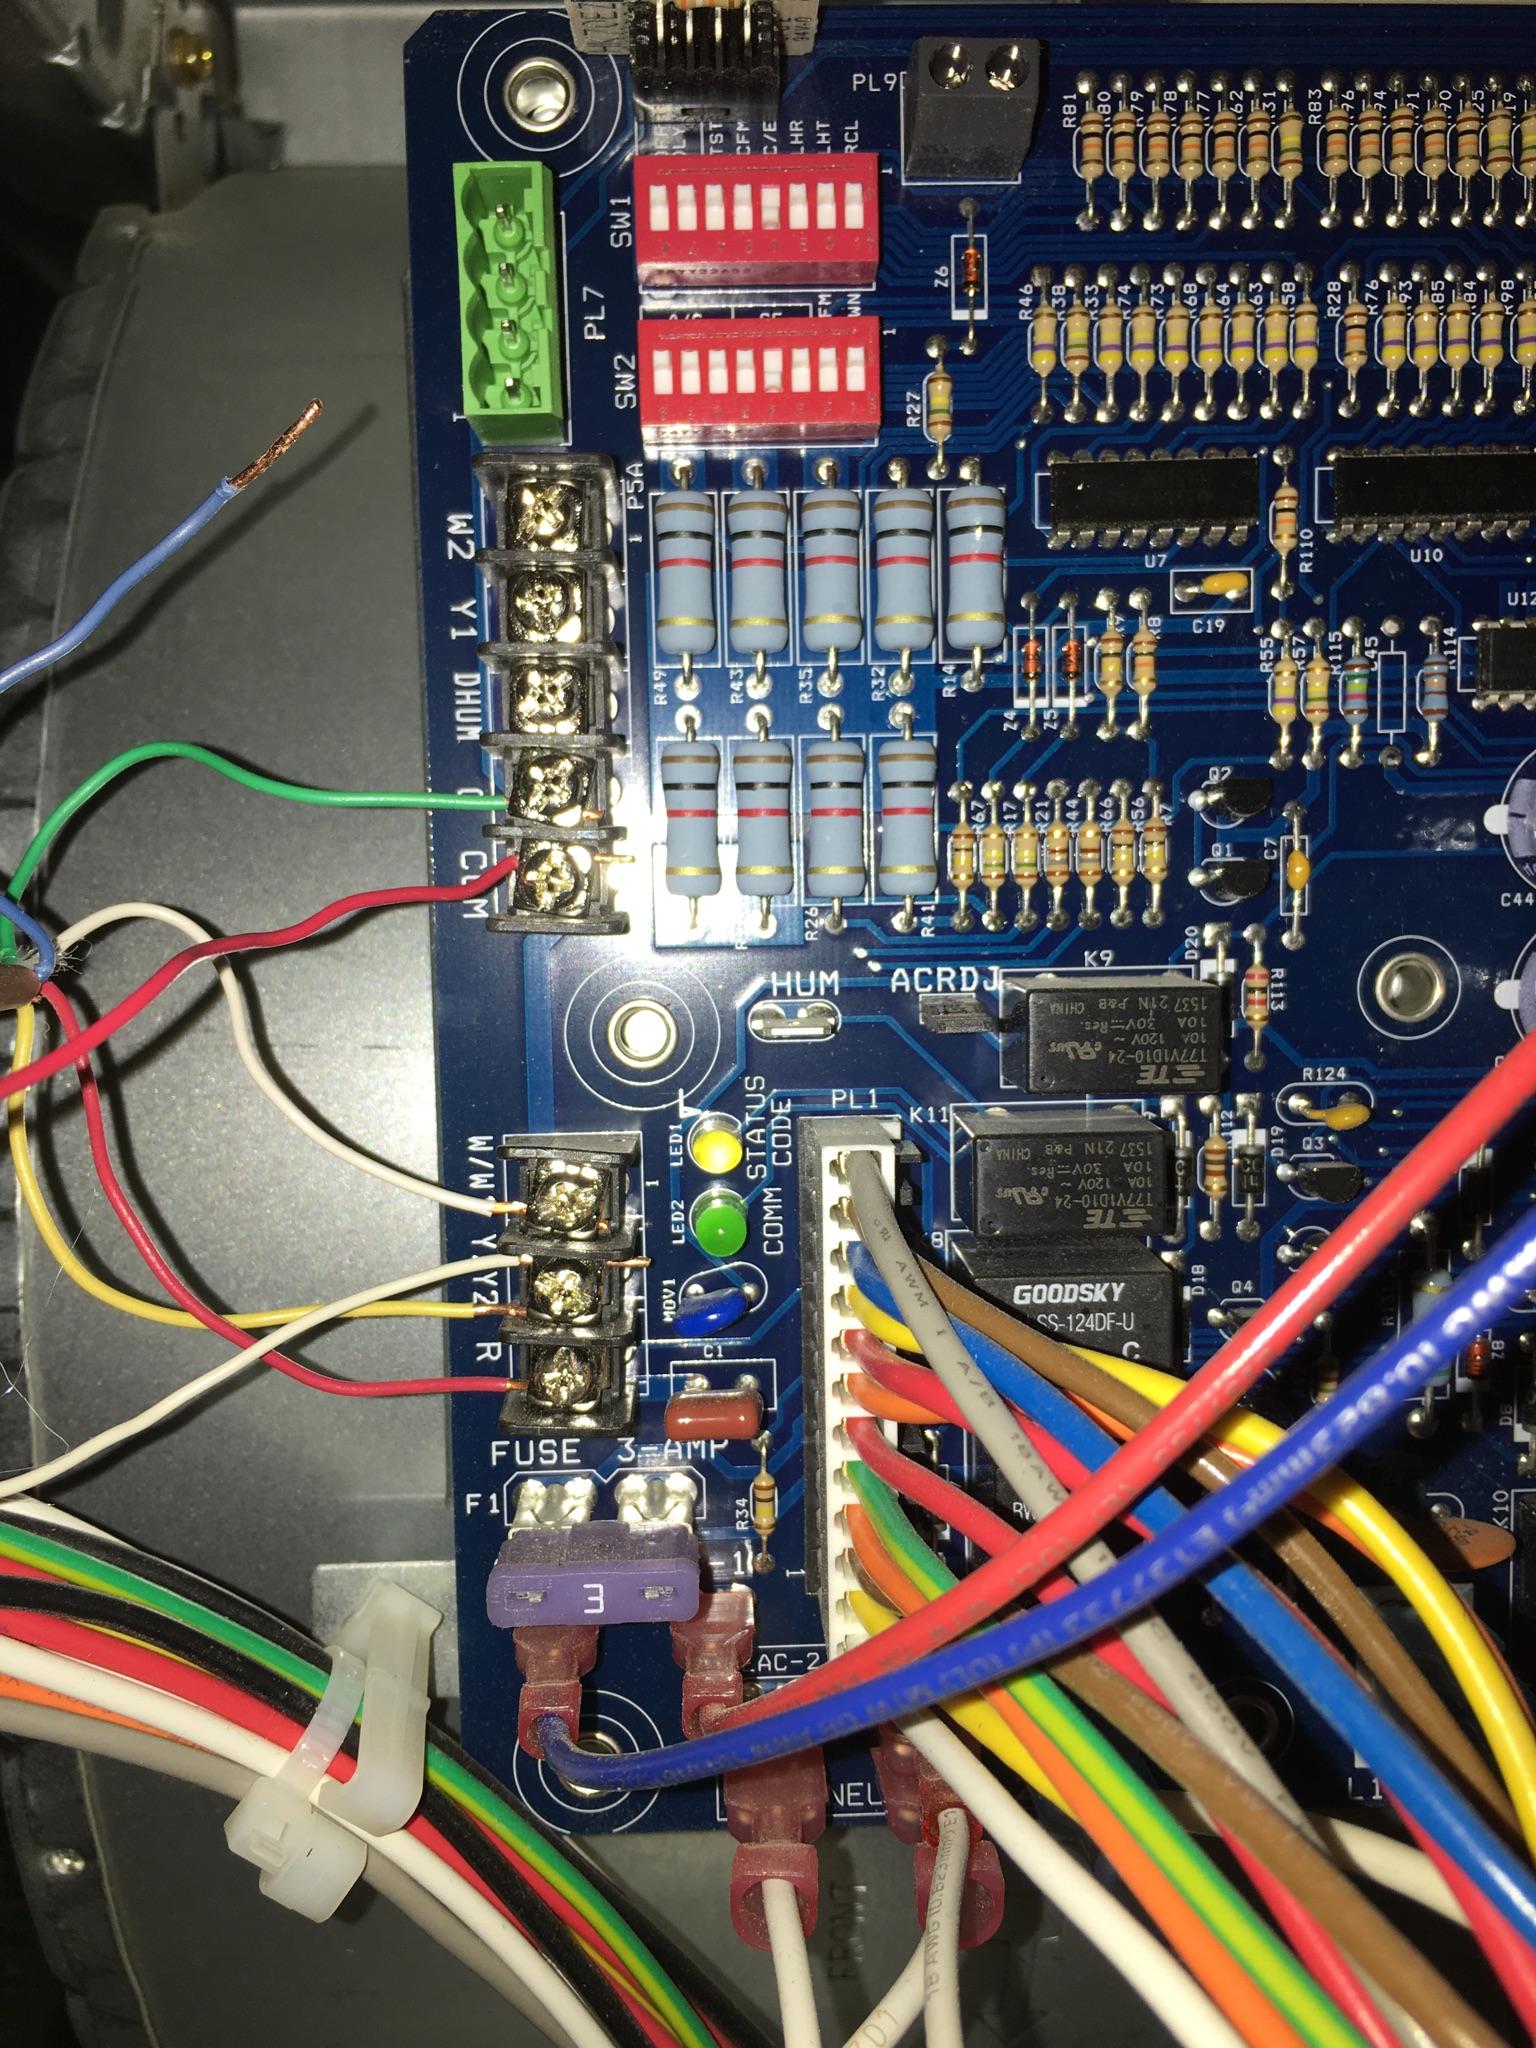 heil wiring.jpg